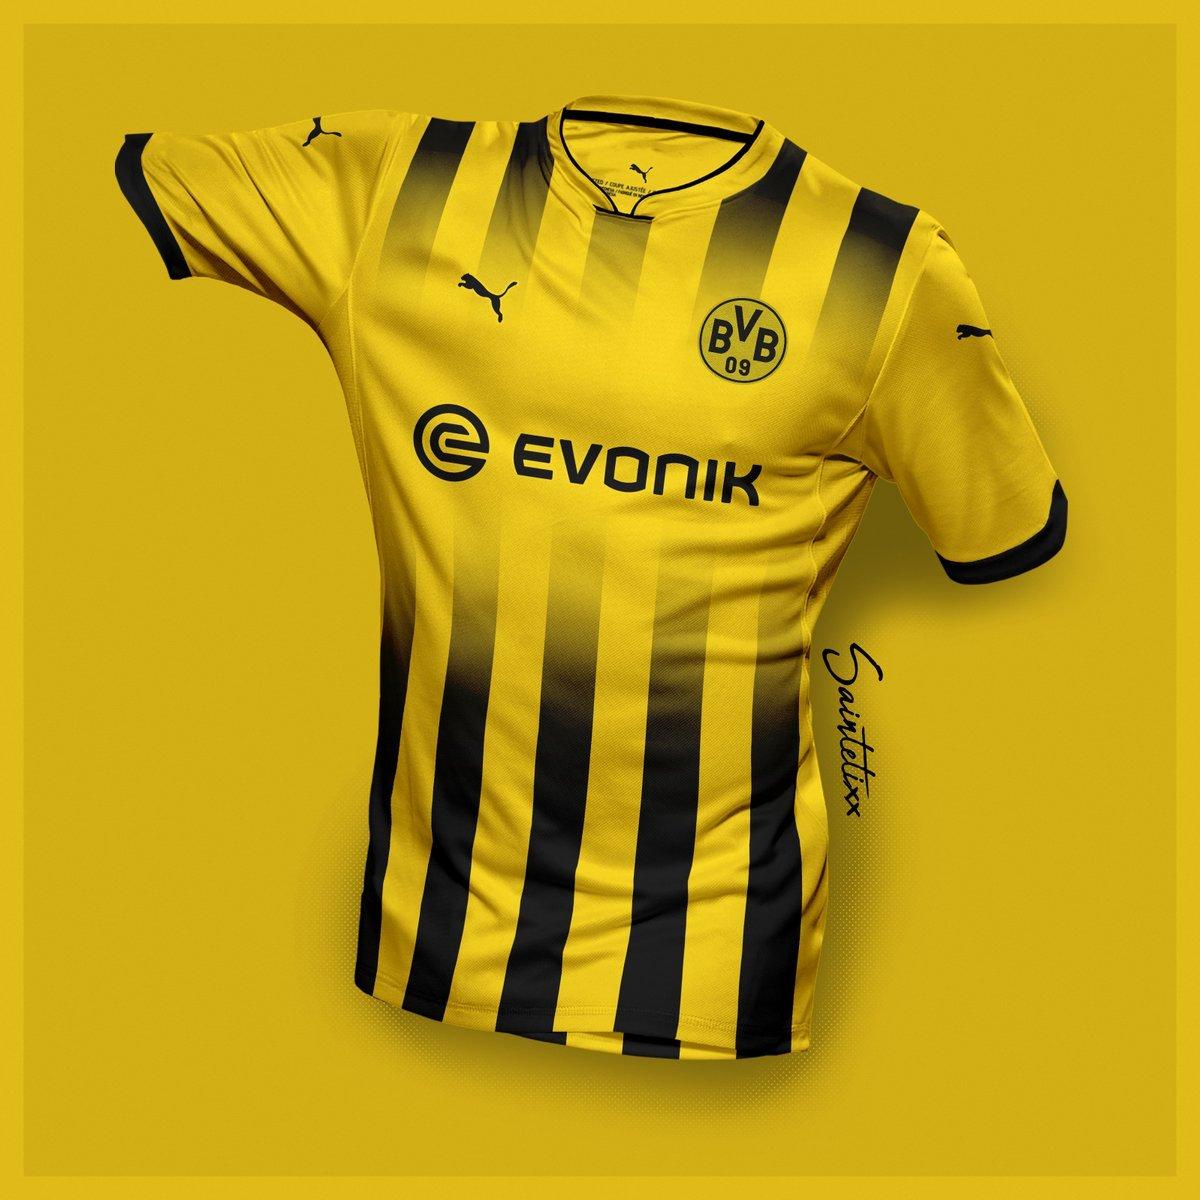 E se fosse assim - Borussia Dortmund (Alemanha) - Show de Camisas 5a4de465e98e4